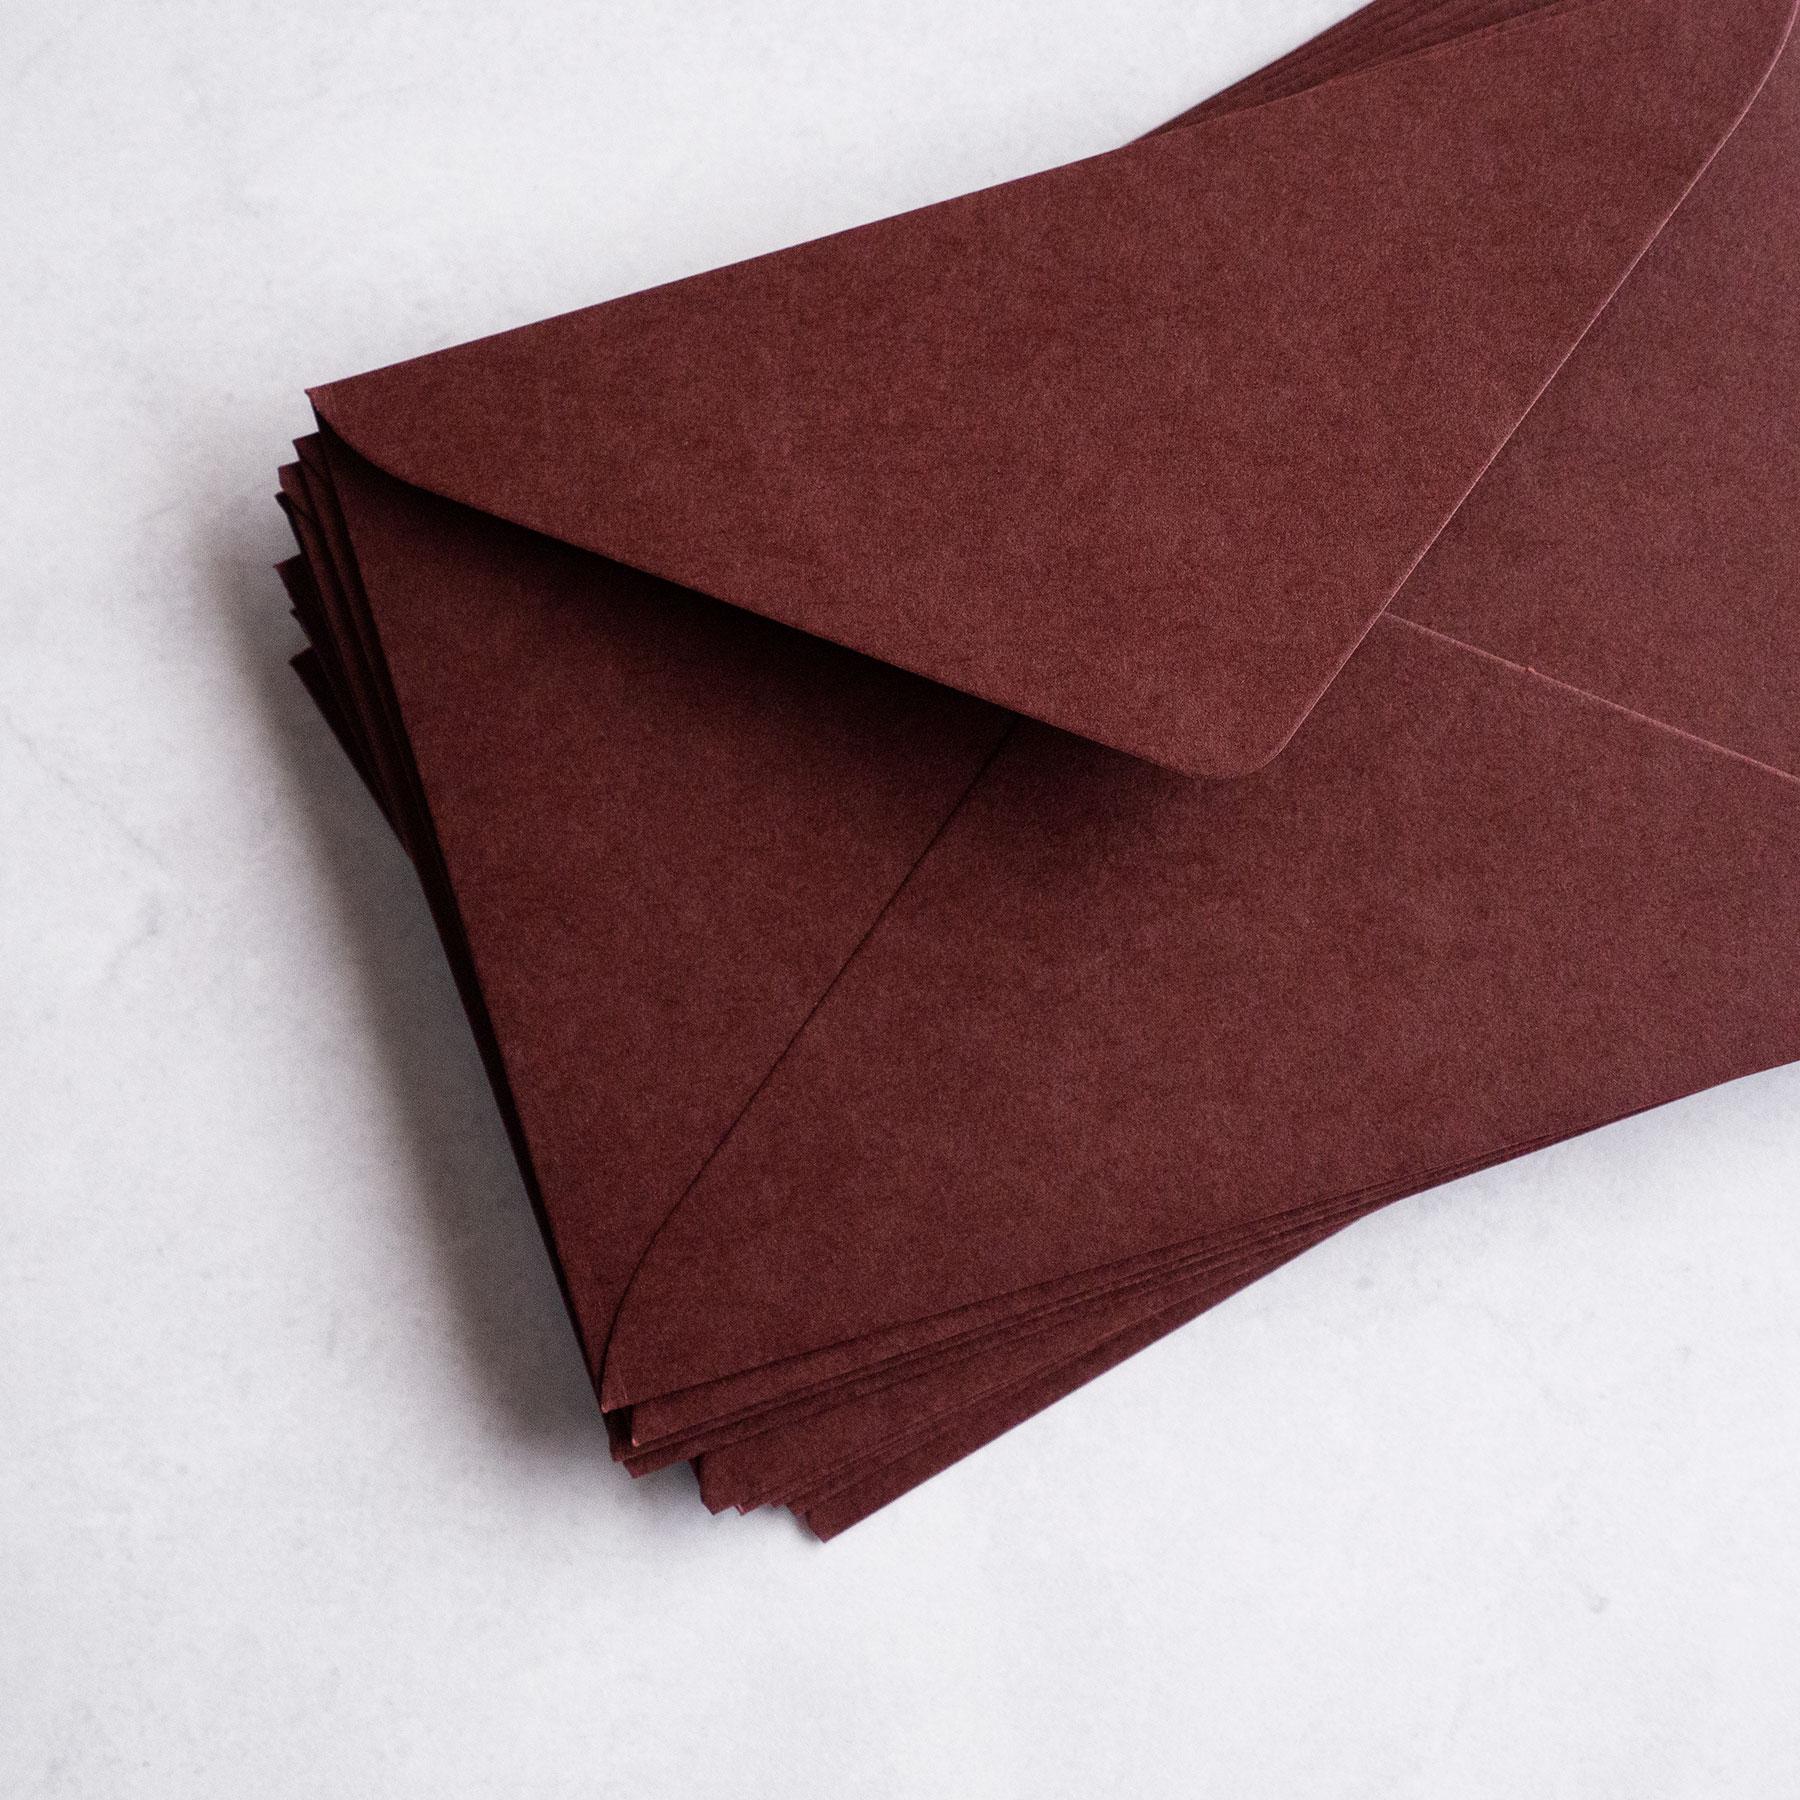 休み 18%OFF 結婚式の招待状で使用される 洋1サイズ の高級封筒 招待状用封筒 - 10枚入り col.Garnet